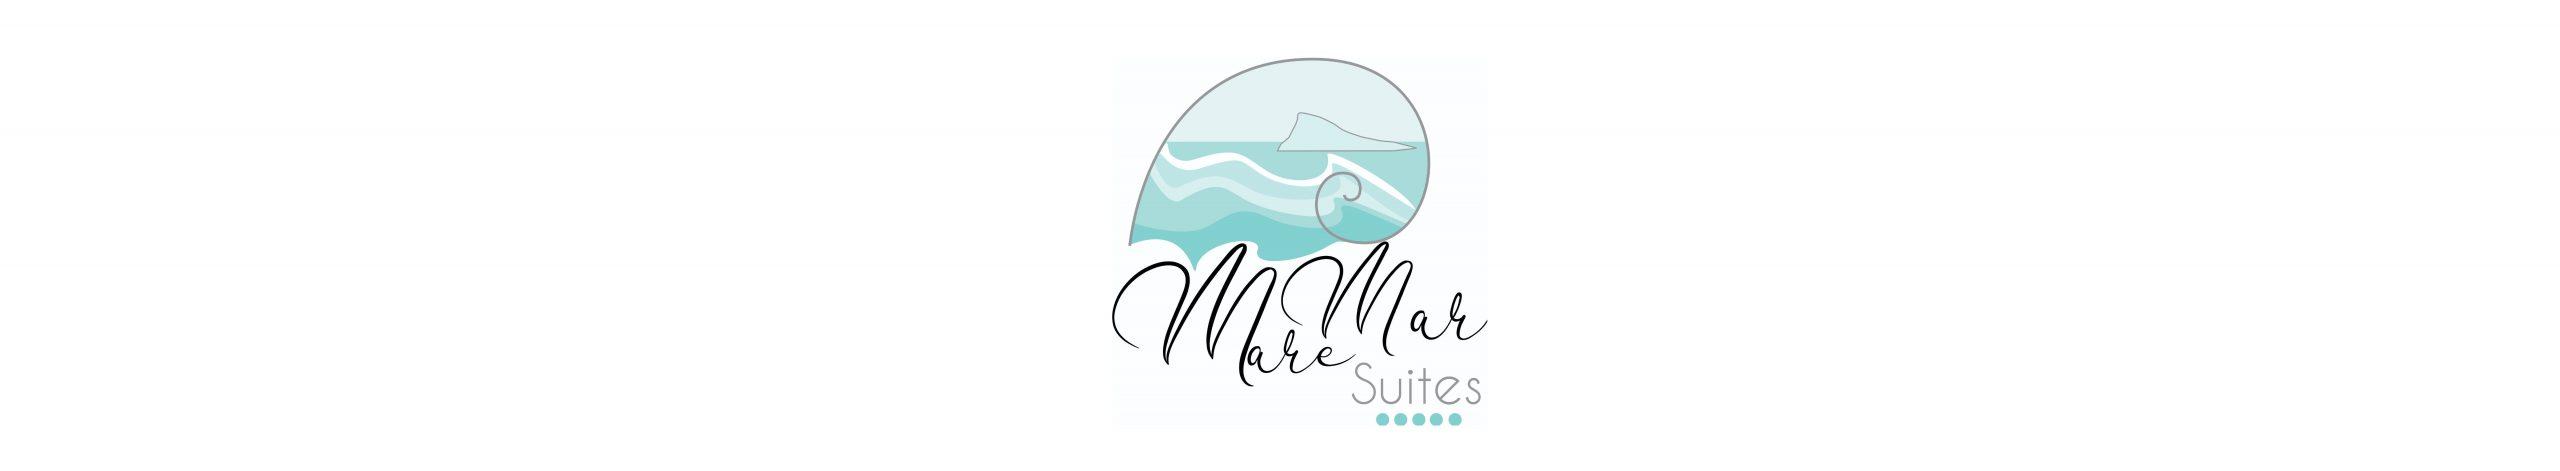 Maremar Suites -